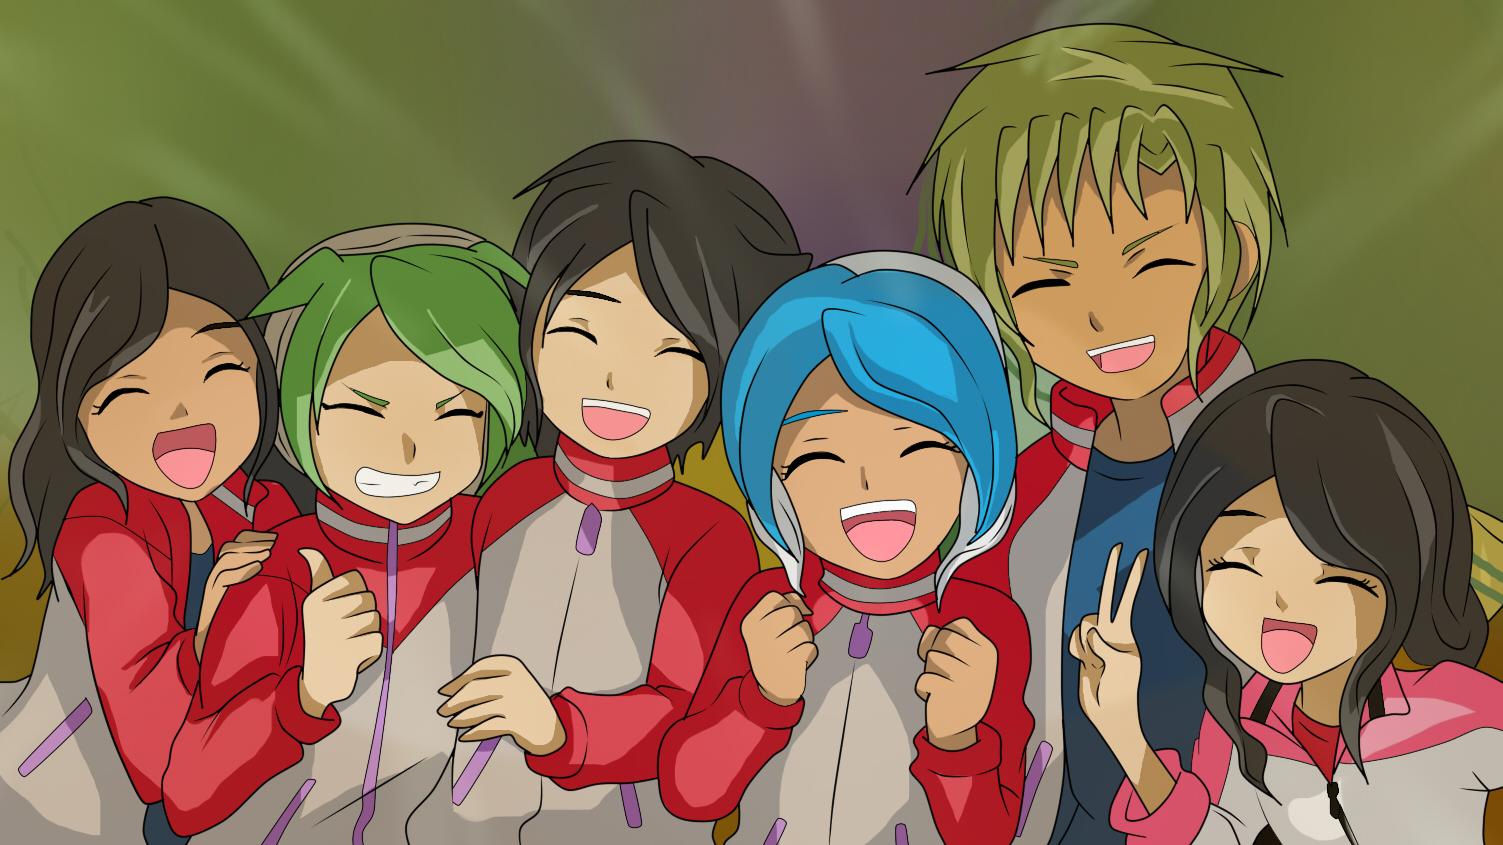 Team Athena by RyuujiKarami